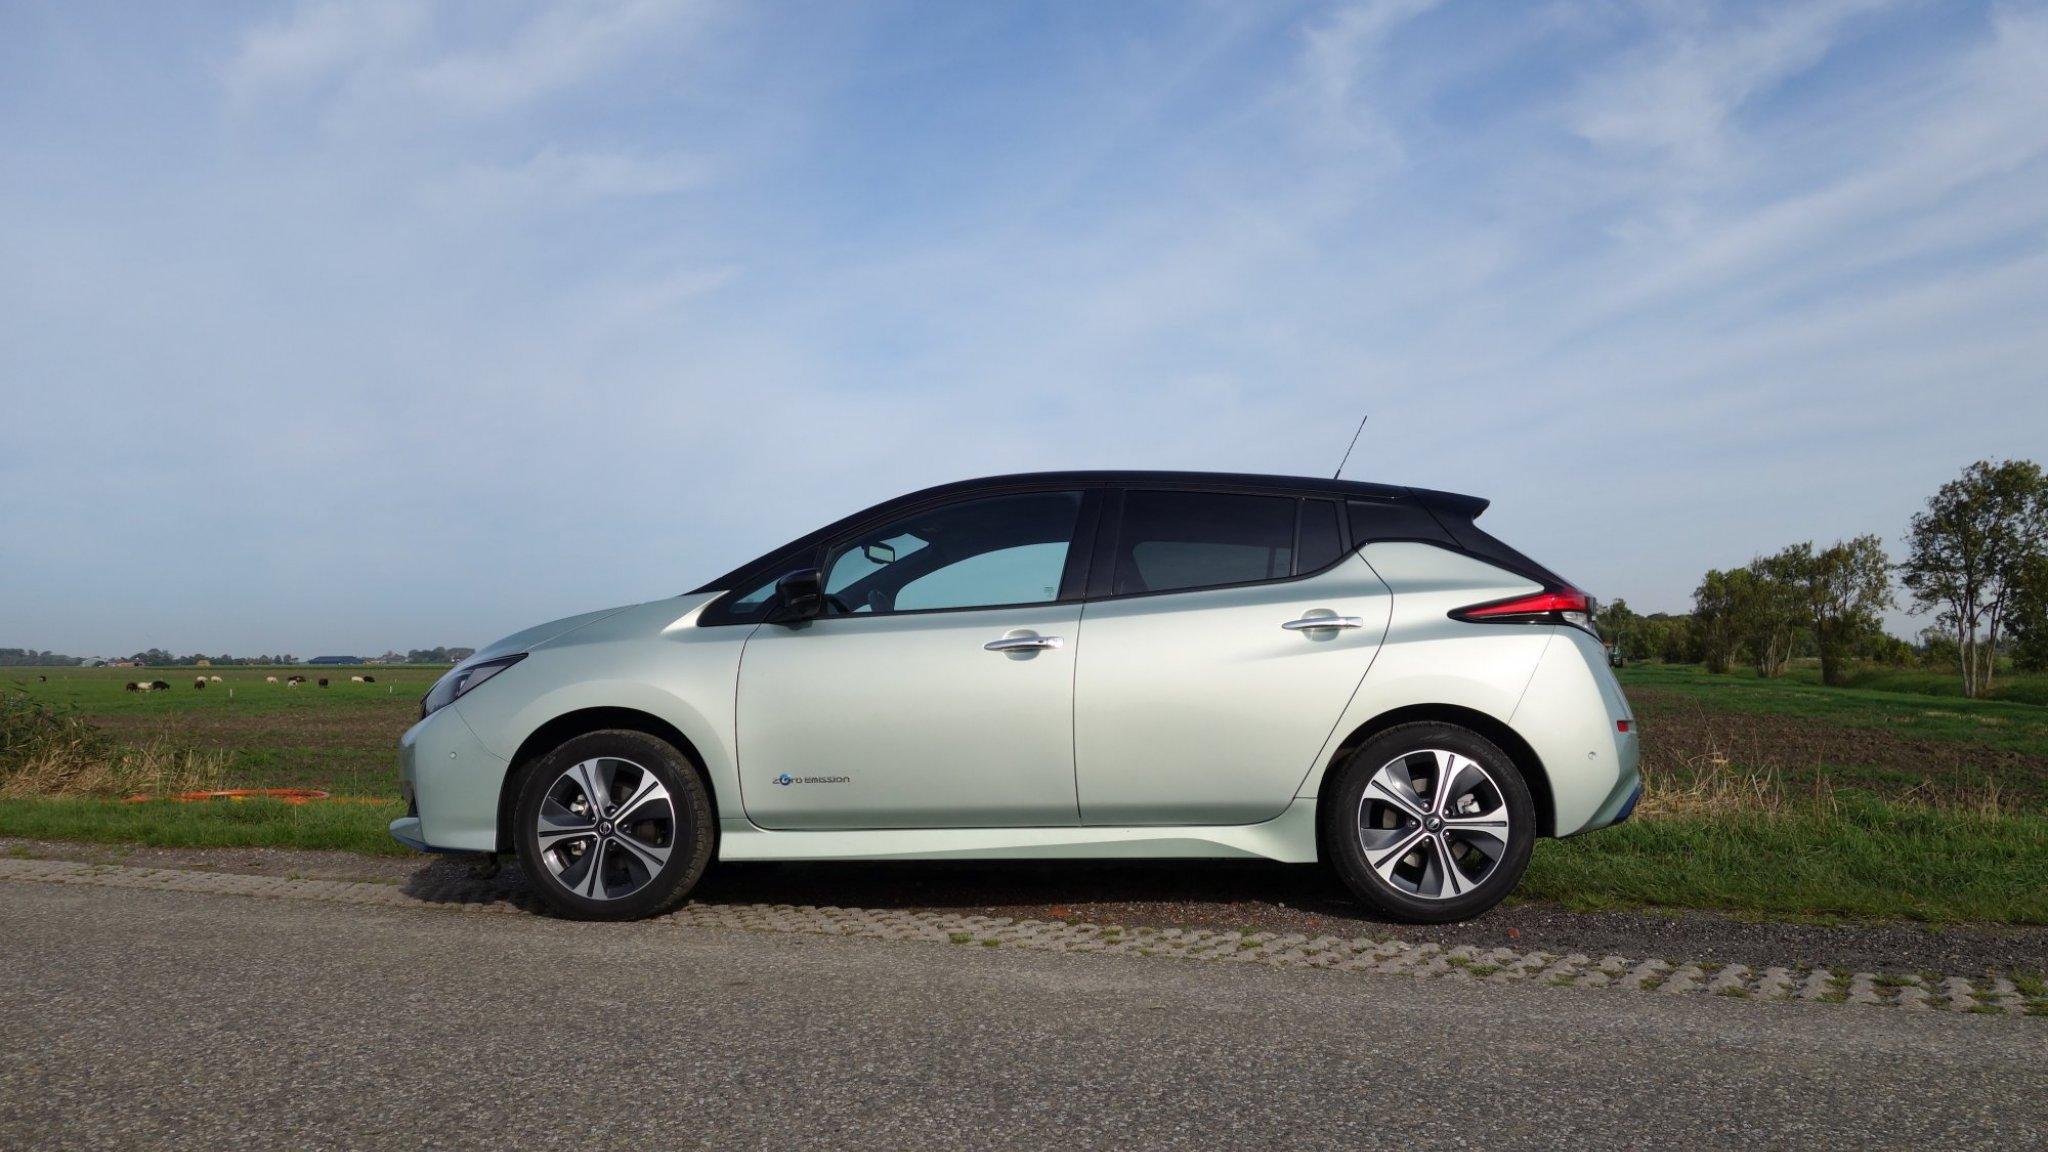 Duurtest Nissan Leaf e+: de conclusie